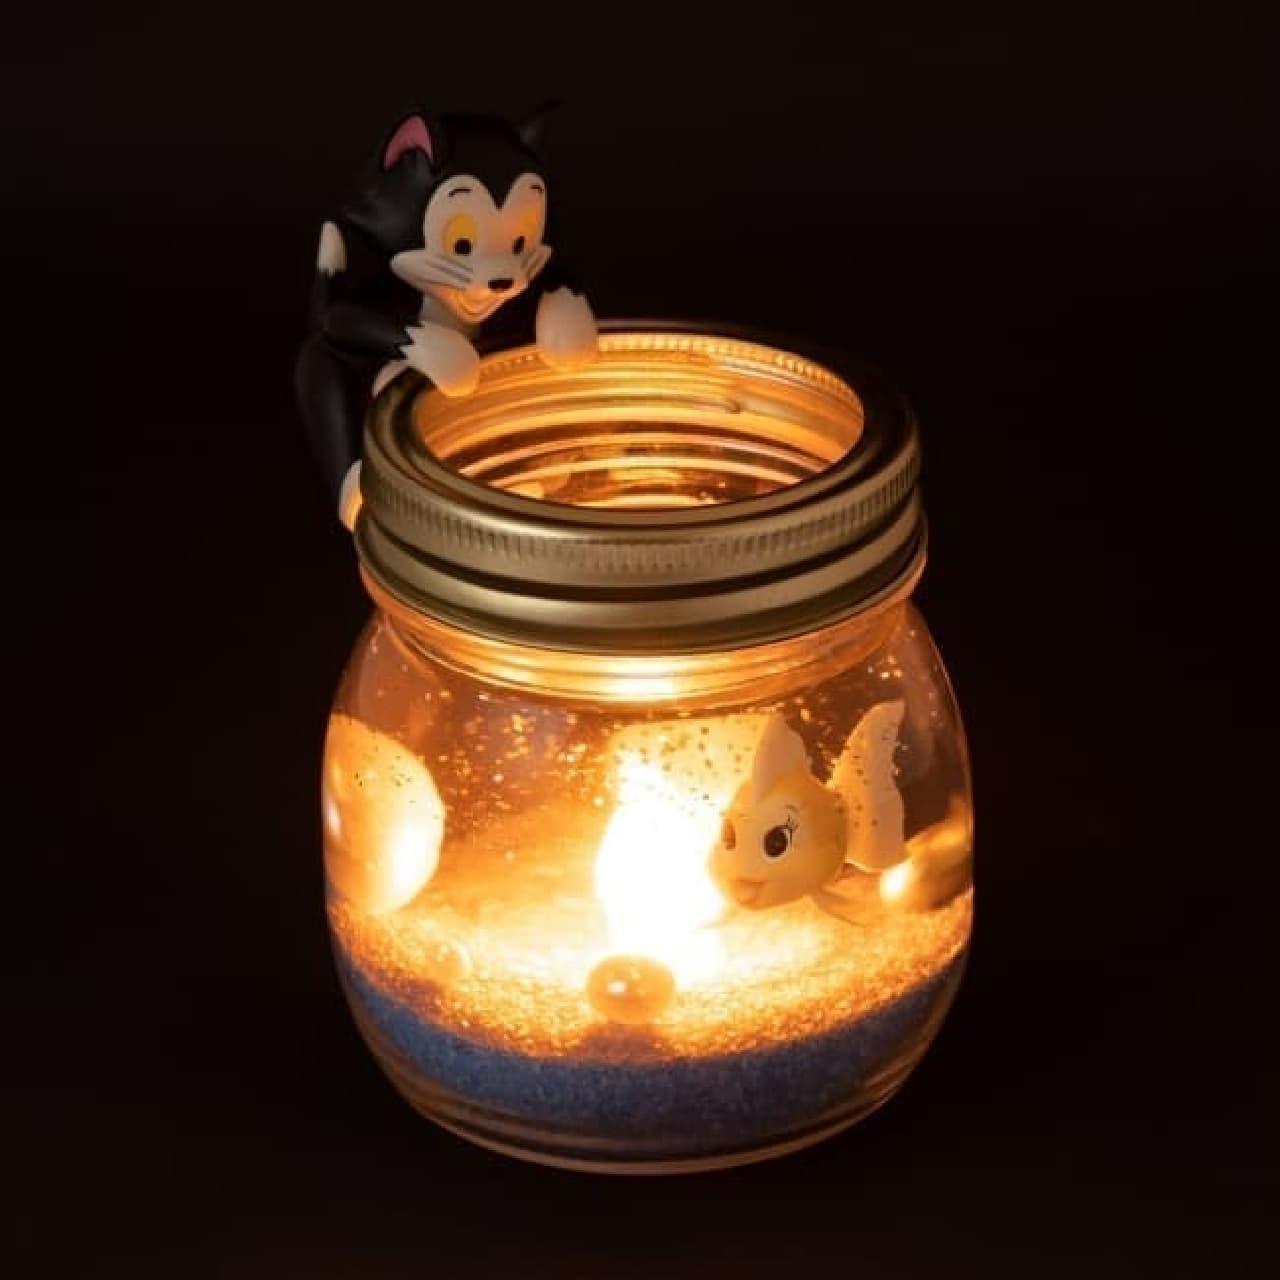 可愛い「ピノキオ」の雑貨がFrancfrancに